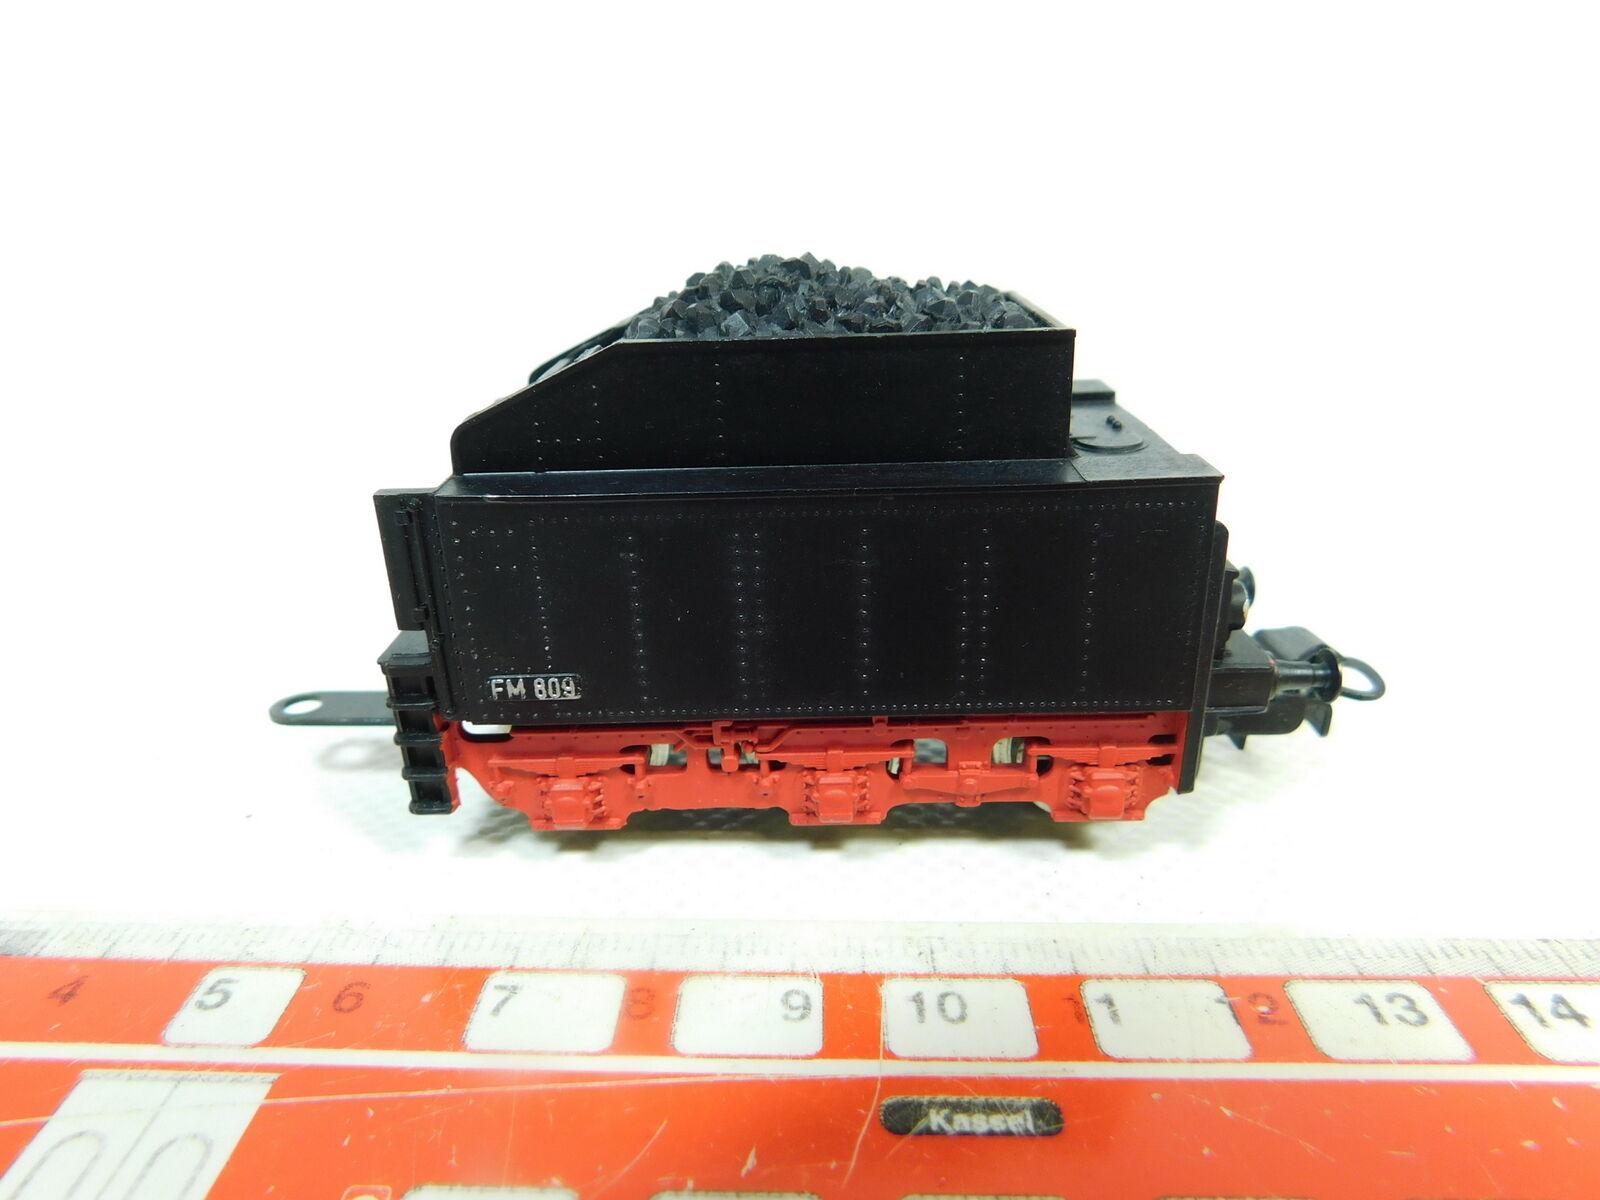 BR17-0,5Märklin H0 AC Tender FM 809 24 058 breite VE für FM 800 Lok, 2. Wahl